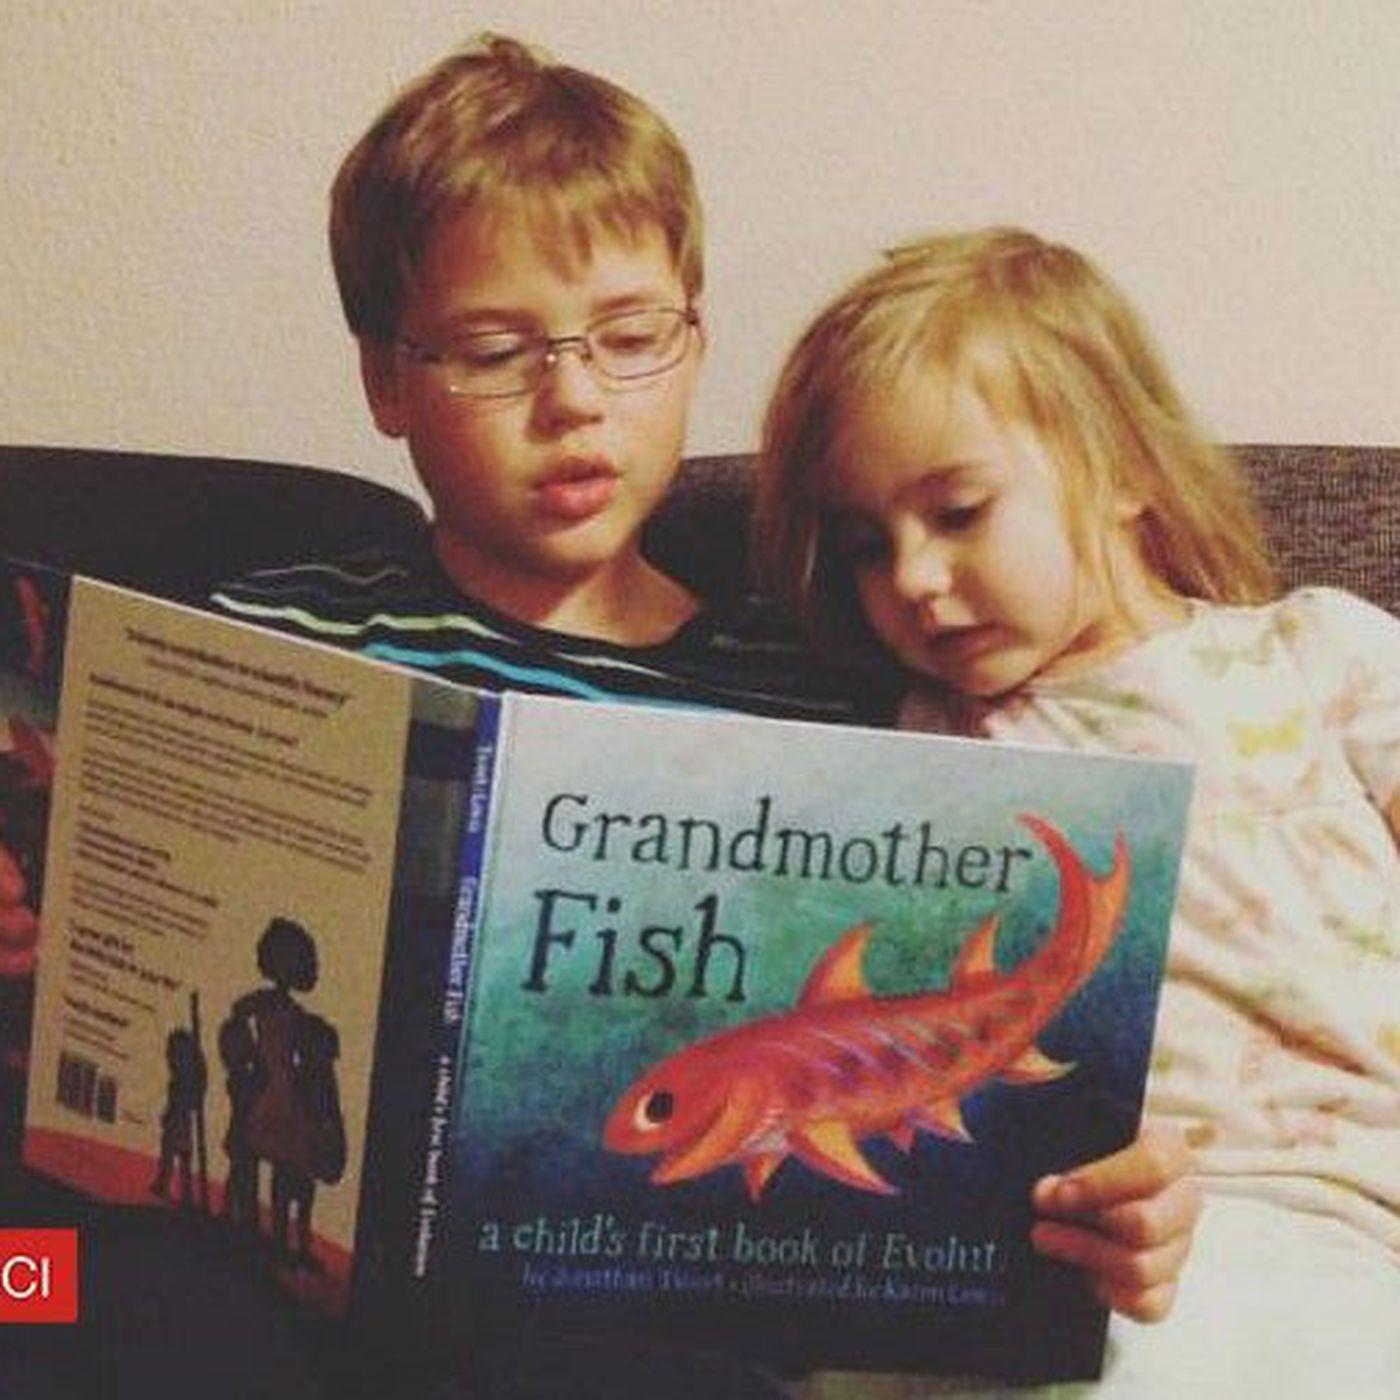 Çocuklarınızın Gelişimi İçin Evde Kitapların Olması, Eğitim Düzeyiniz Kadar Önemli!